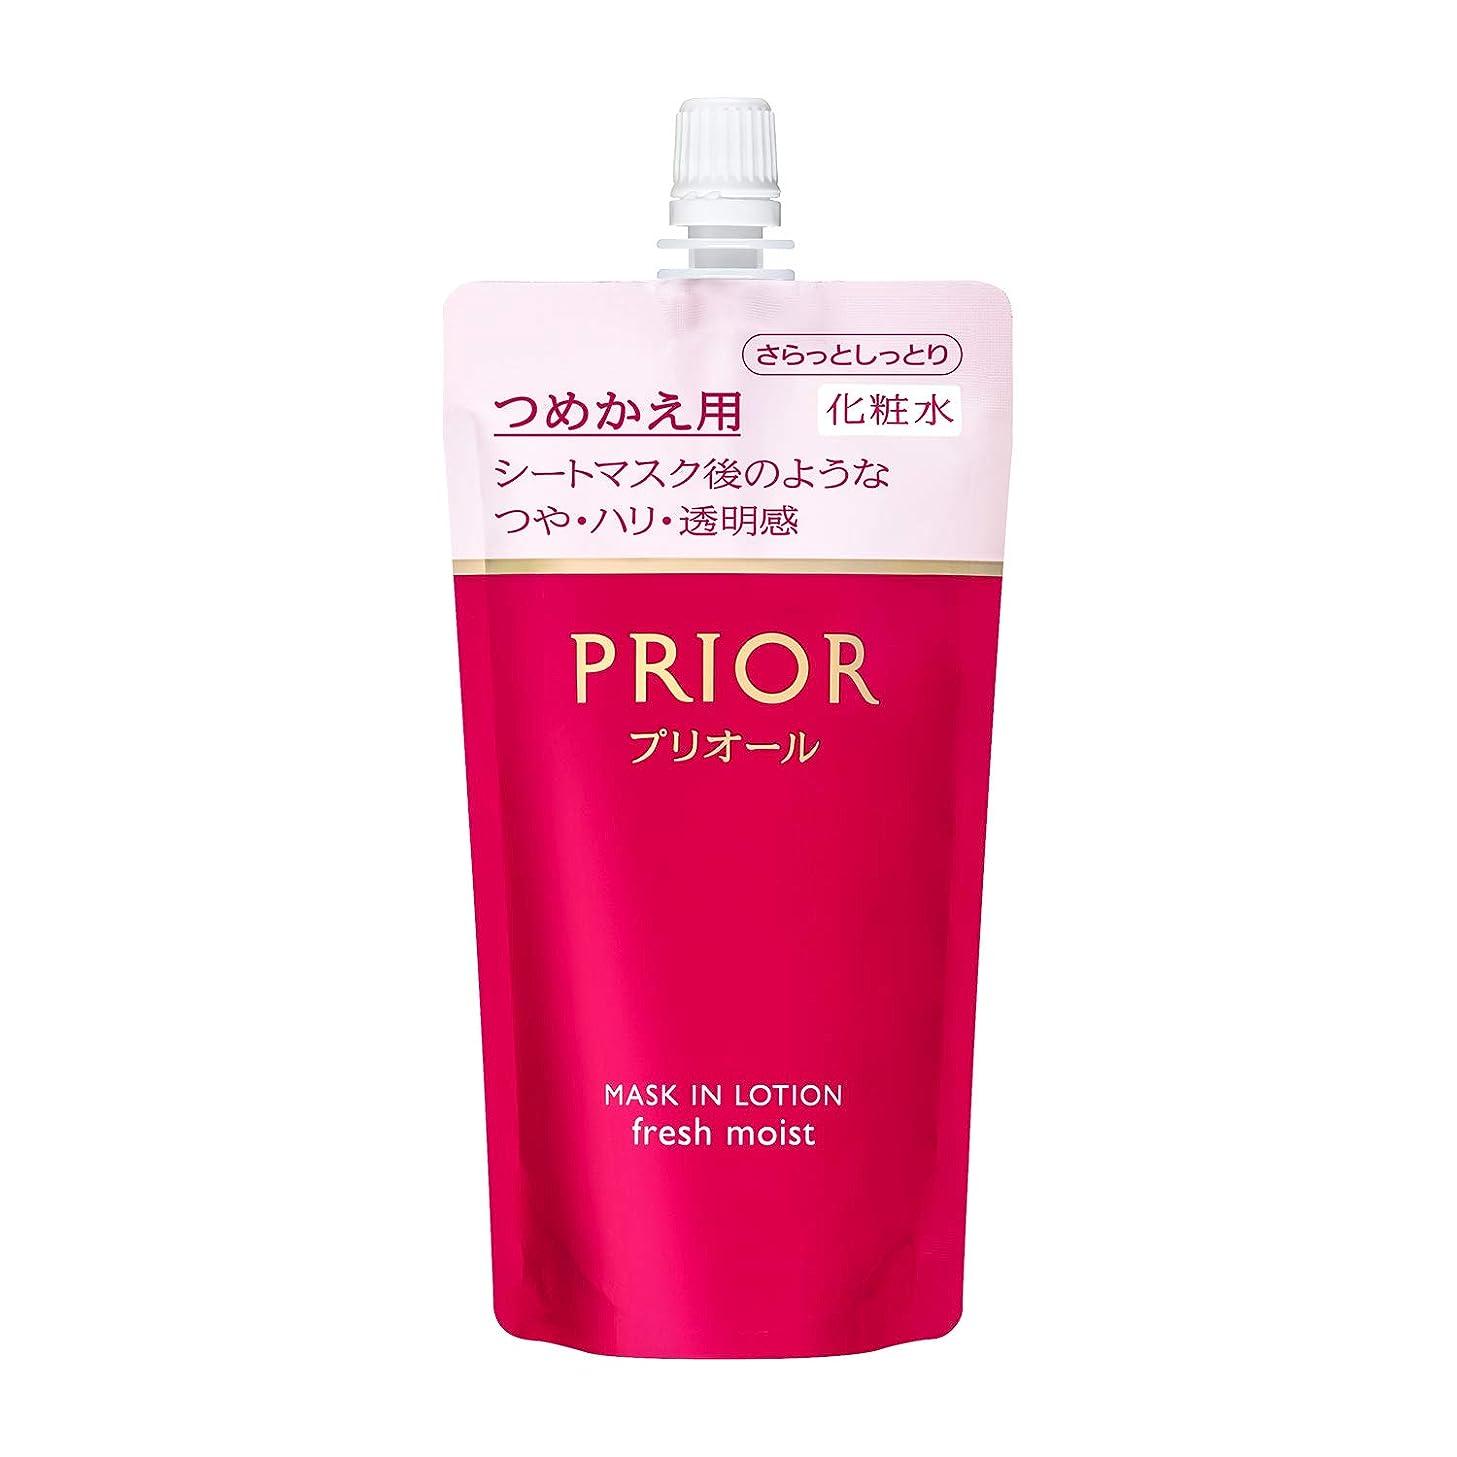 フレアお金入手しますプリオール マスクイン化粧水 (さらっとしっとり) (つめかえ用) 140mL